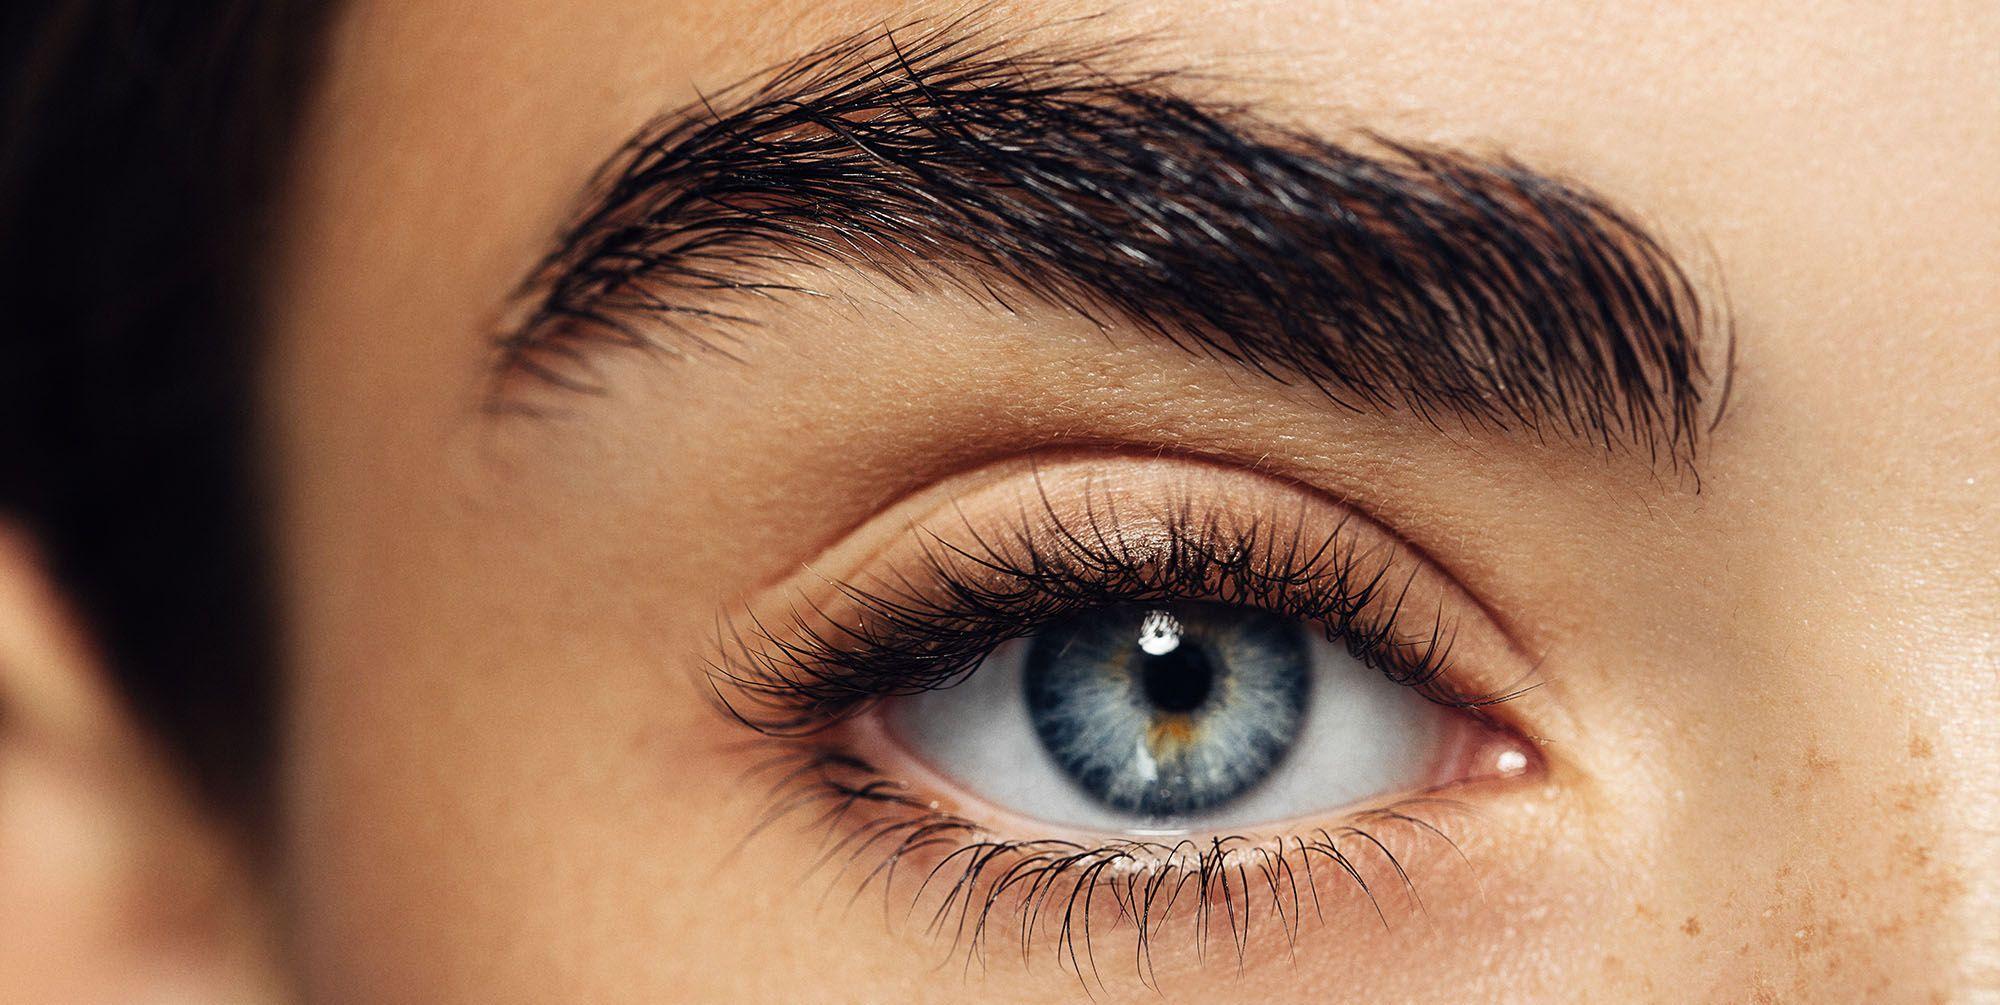 Rubbing eye looks like sex